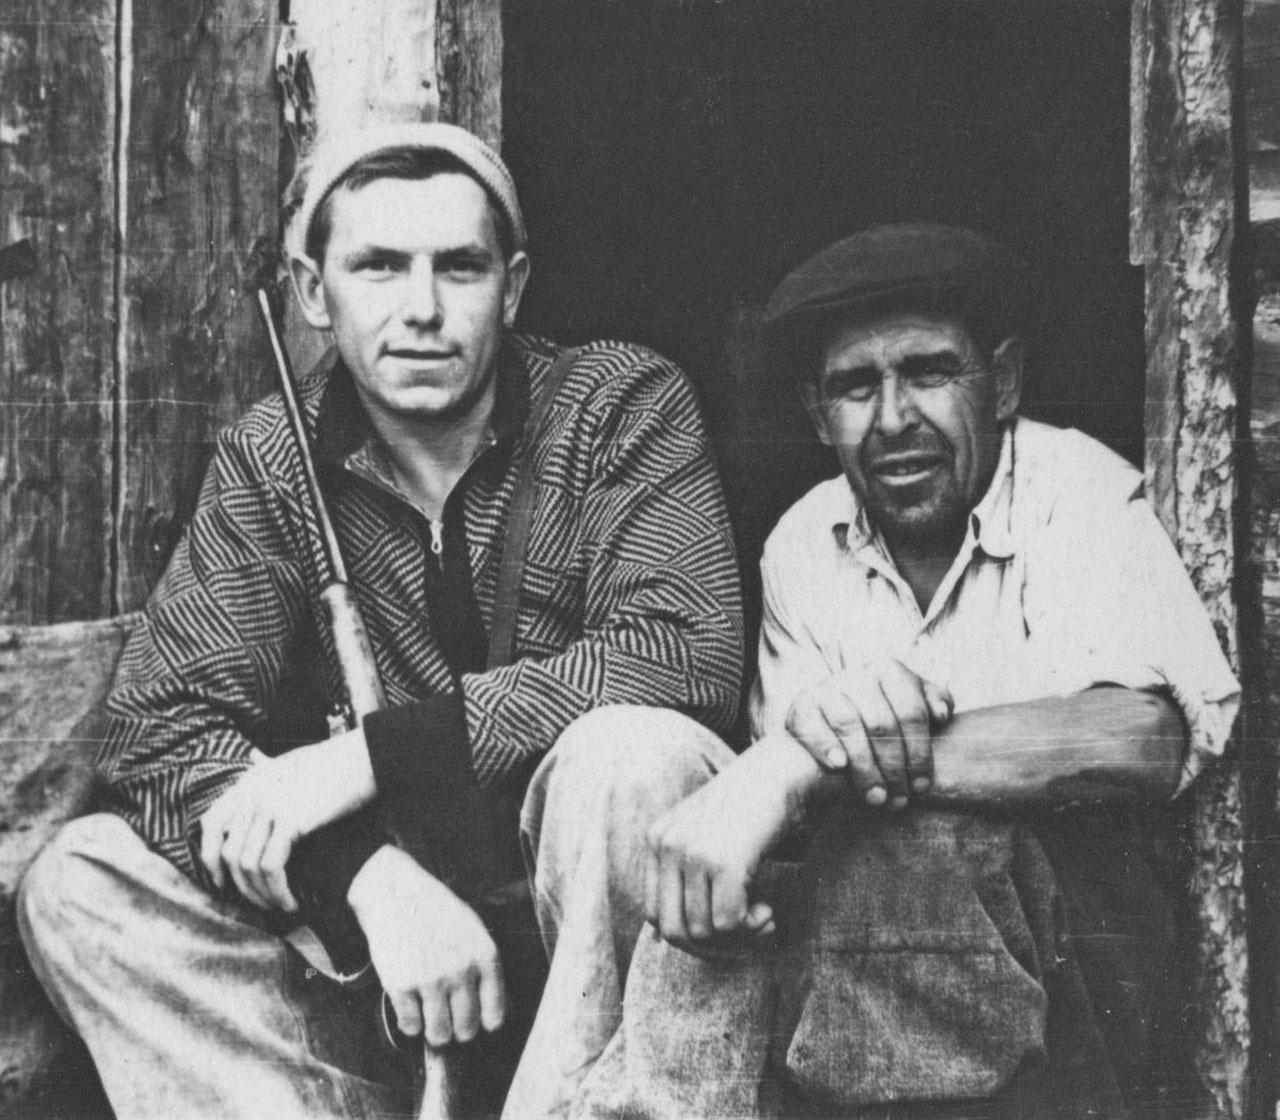 Афанасьев В.И. и повар Яков. Фото из архива Елены Афанасьевой-Демчук.